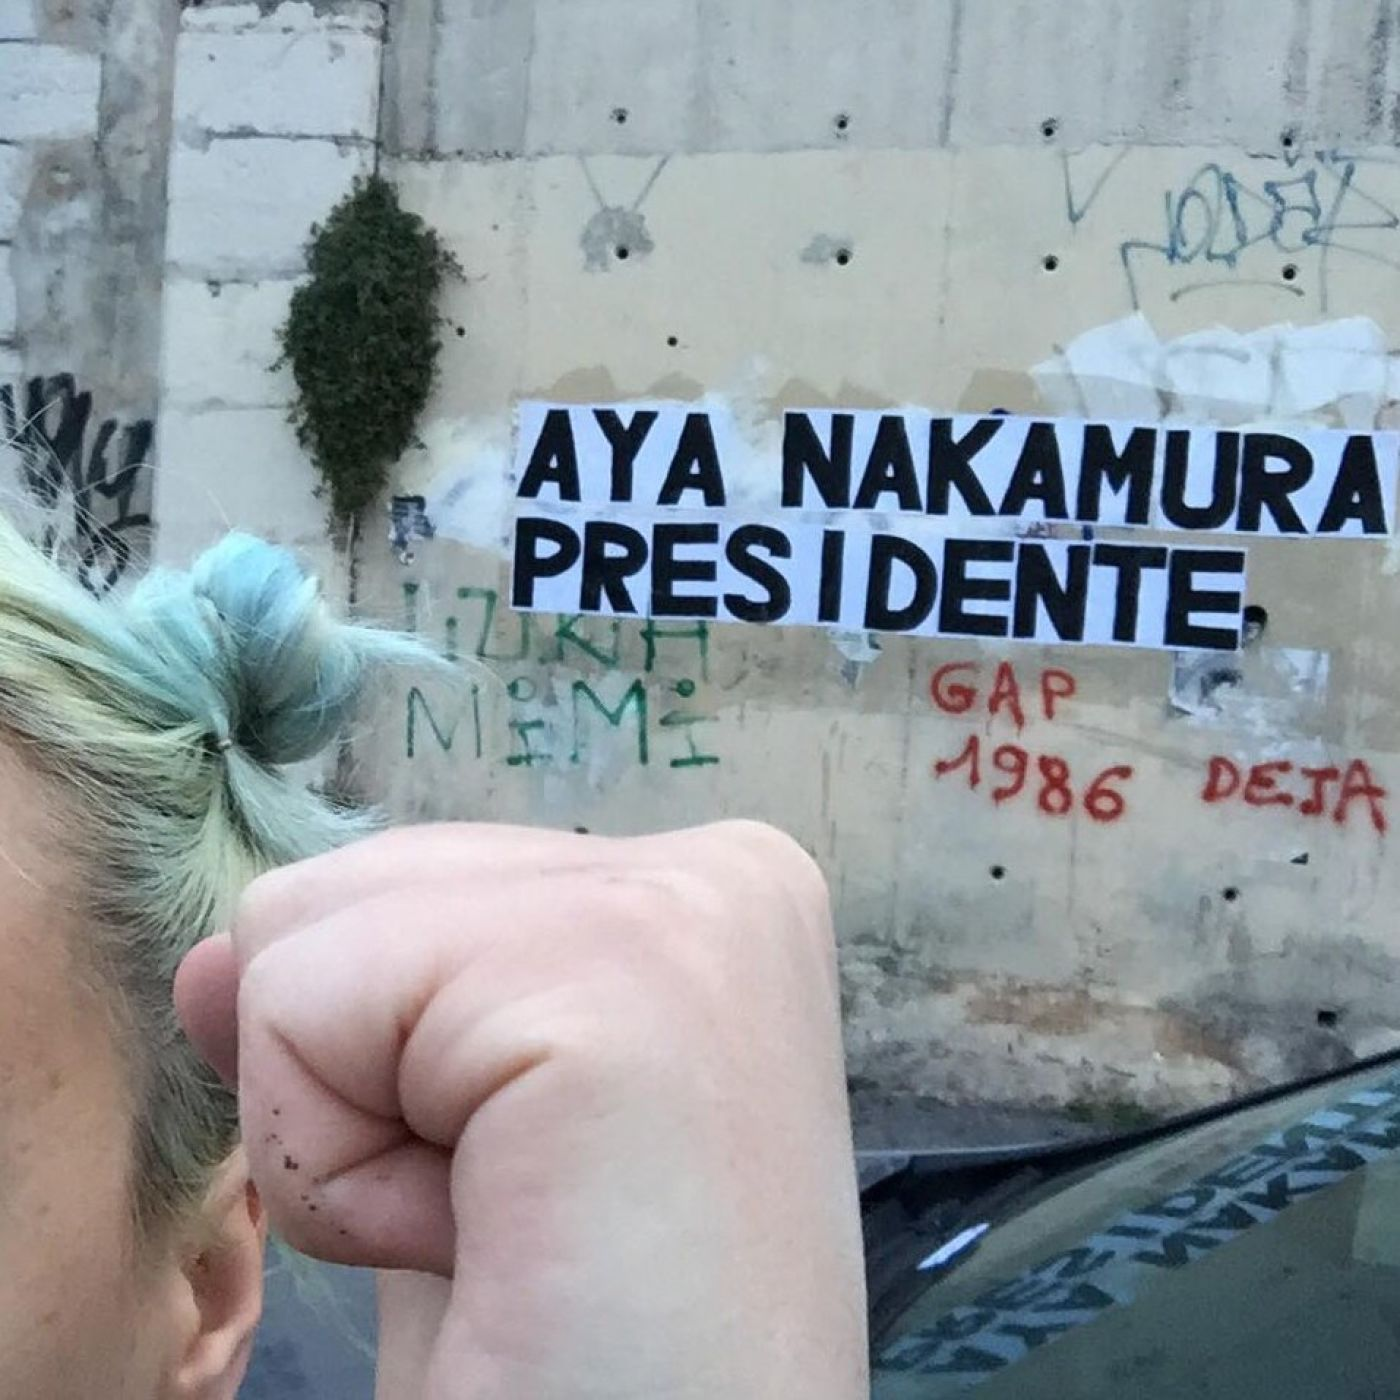 Héroïnes de la rue #2 - Comment un tweet d'Aya Nakamura a changé ma vie.